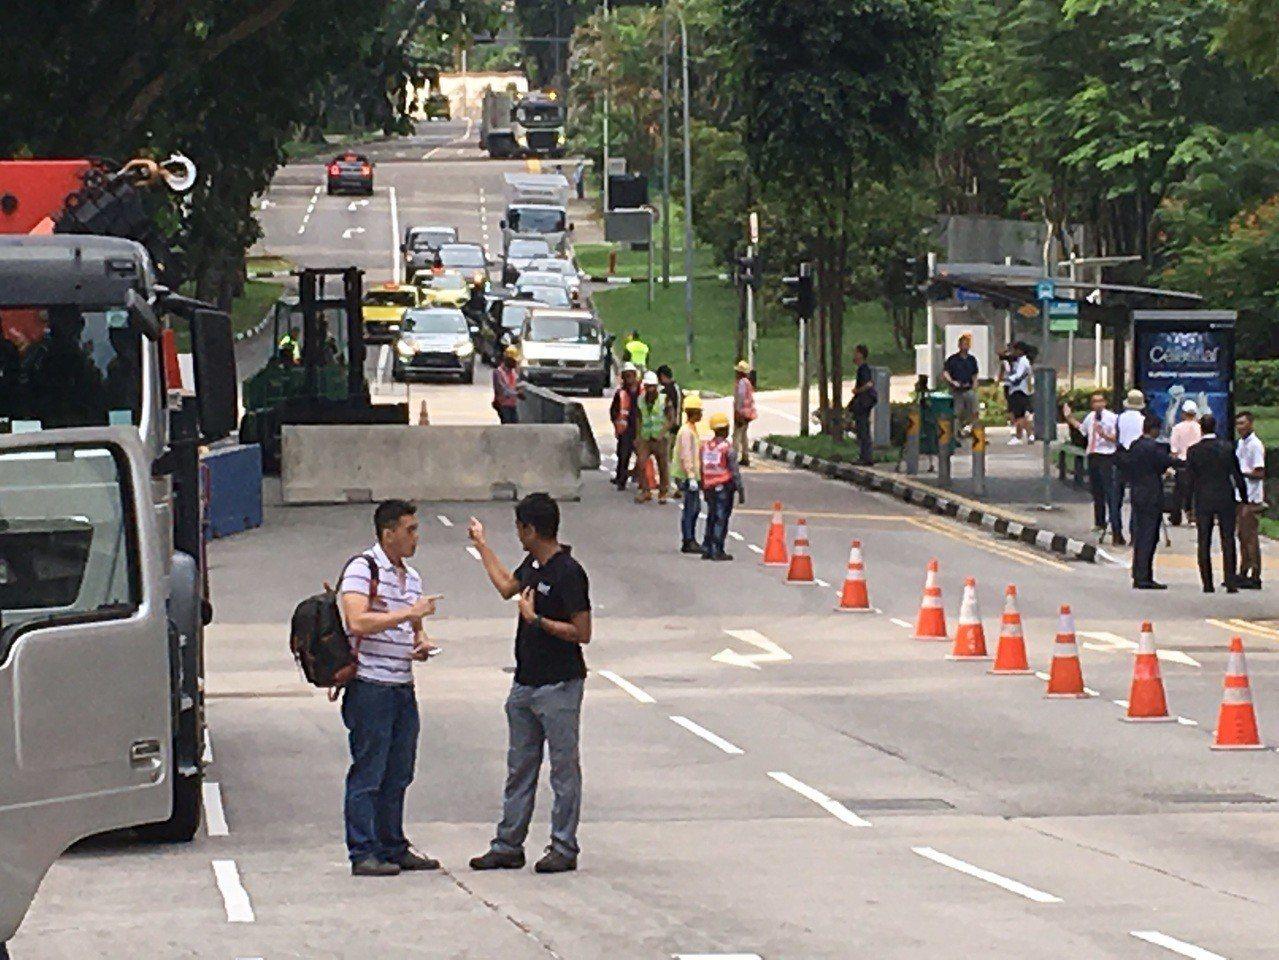 瑞吉酒店門口開始架設路障,並且進行封路交管。 新加坡特派記者任忠泰、黃純益/攝影